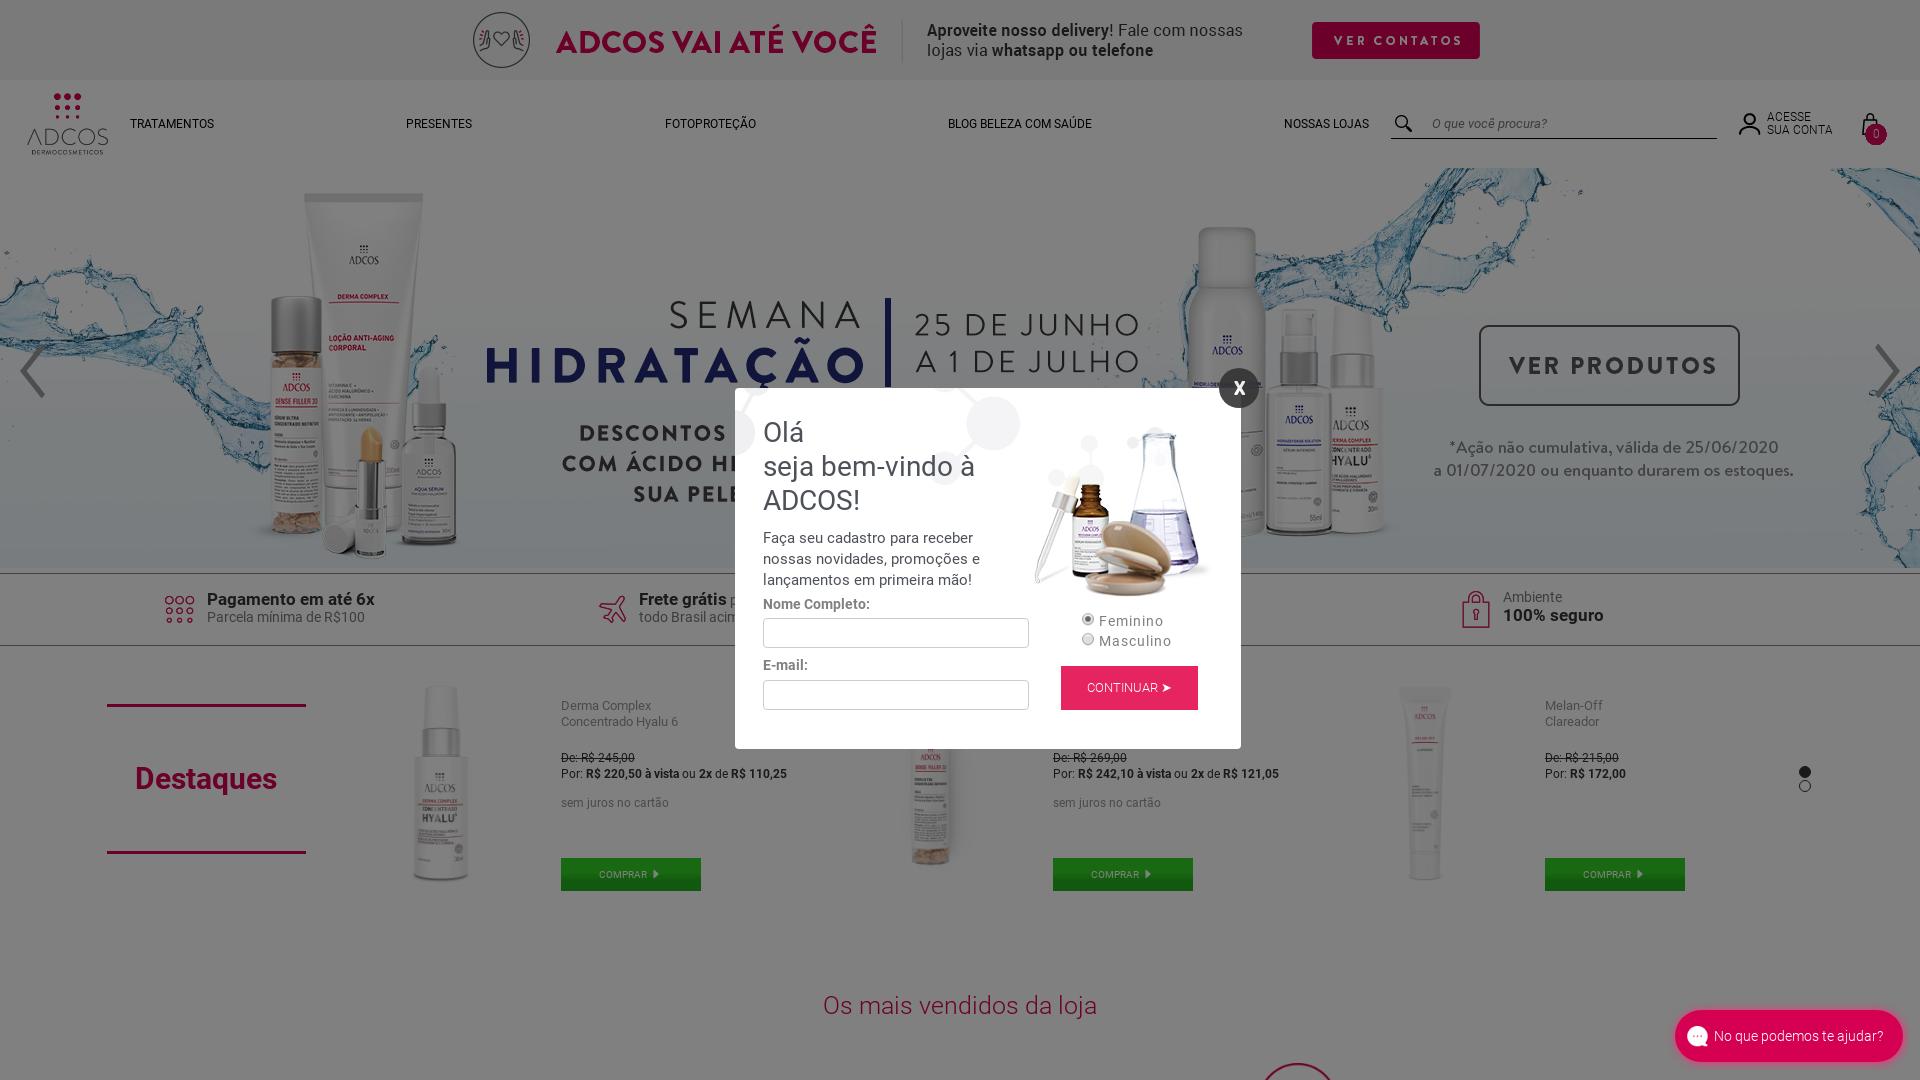 ADCOS website